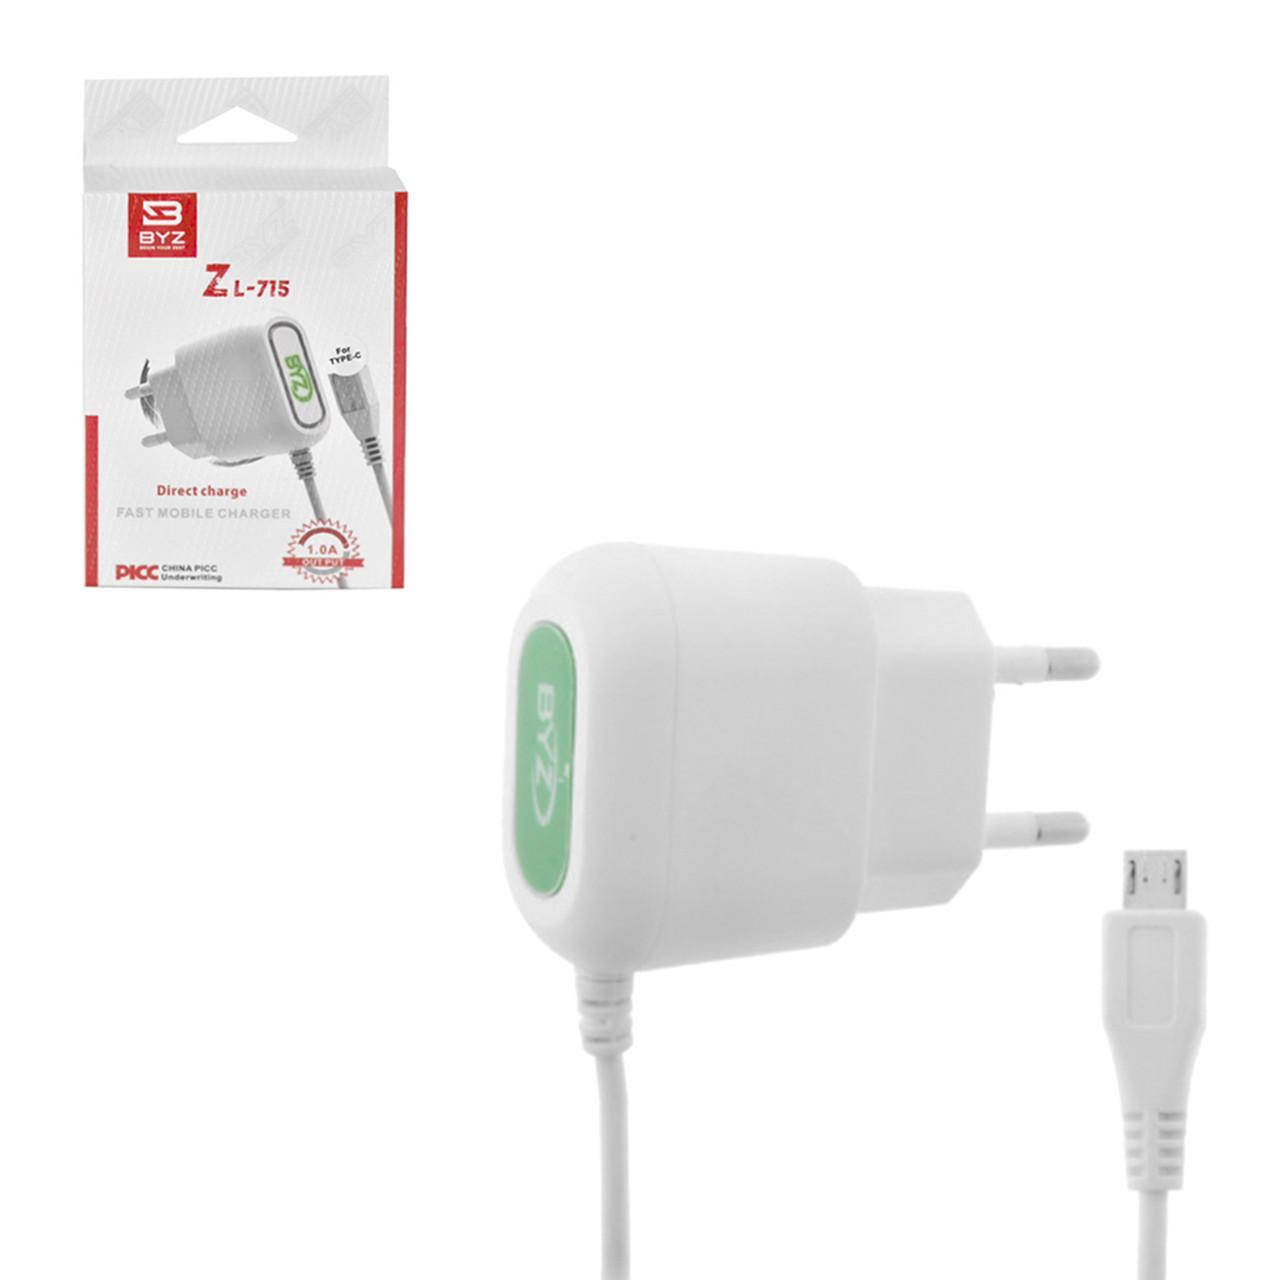 Сетевое зарядное устройство BYZ Zl-715 5V-1A Type-C White BOX